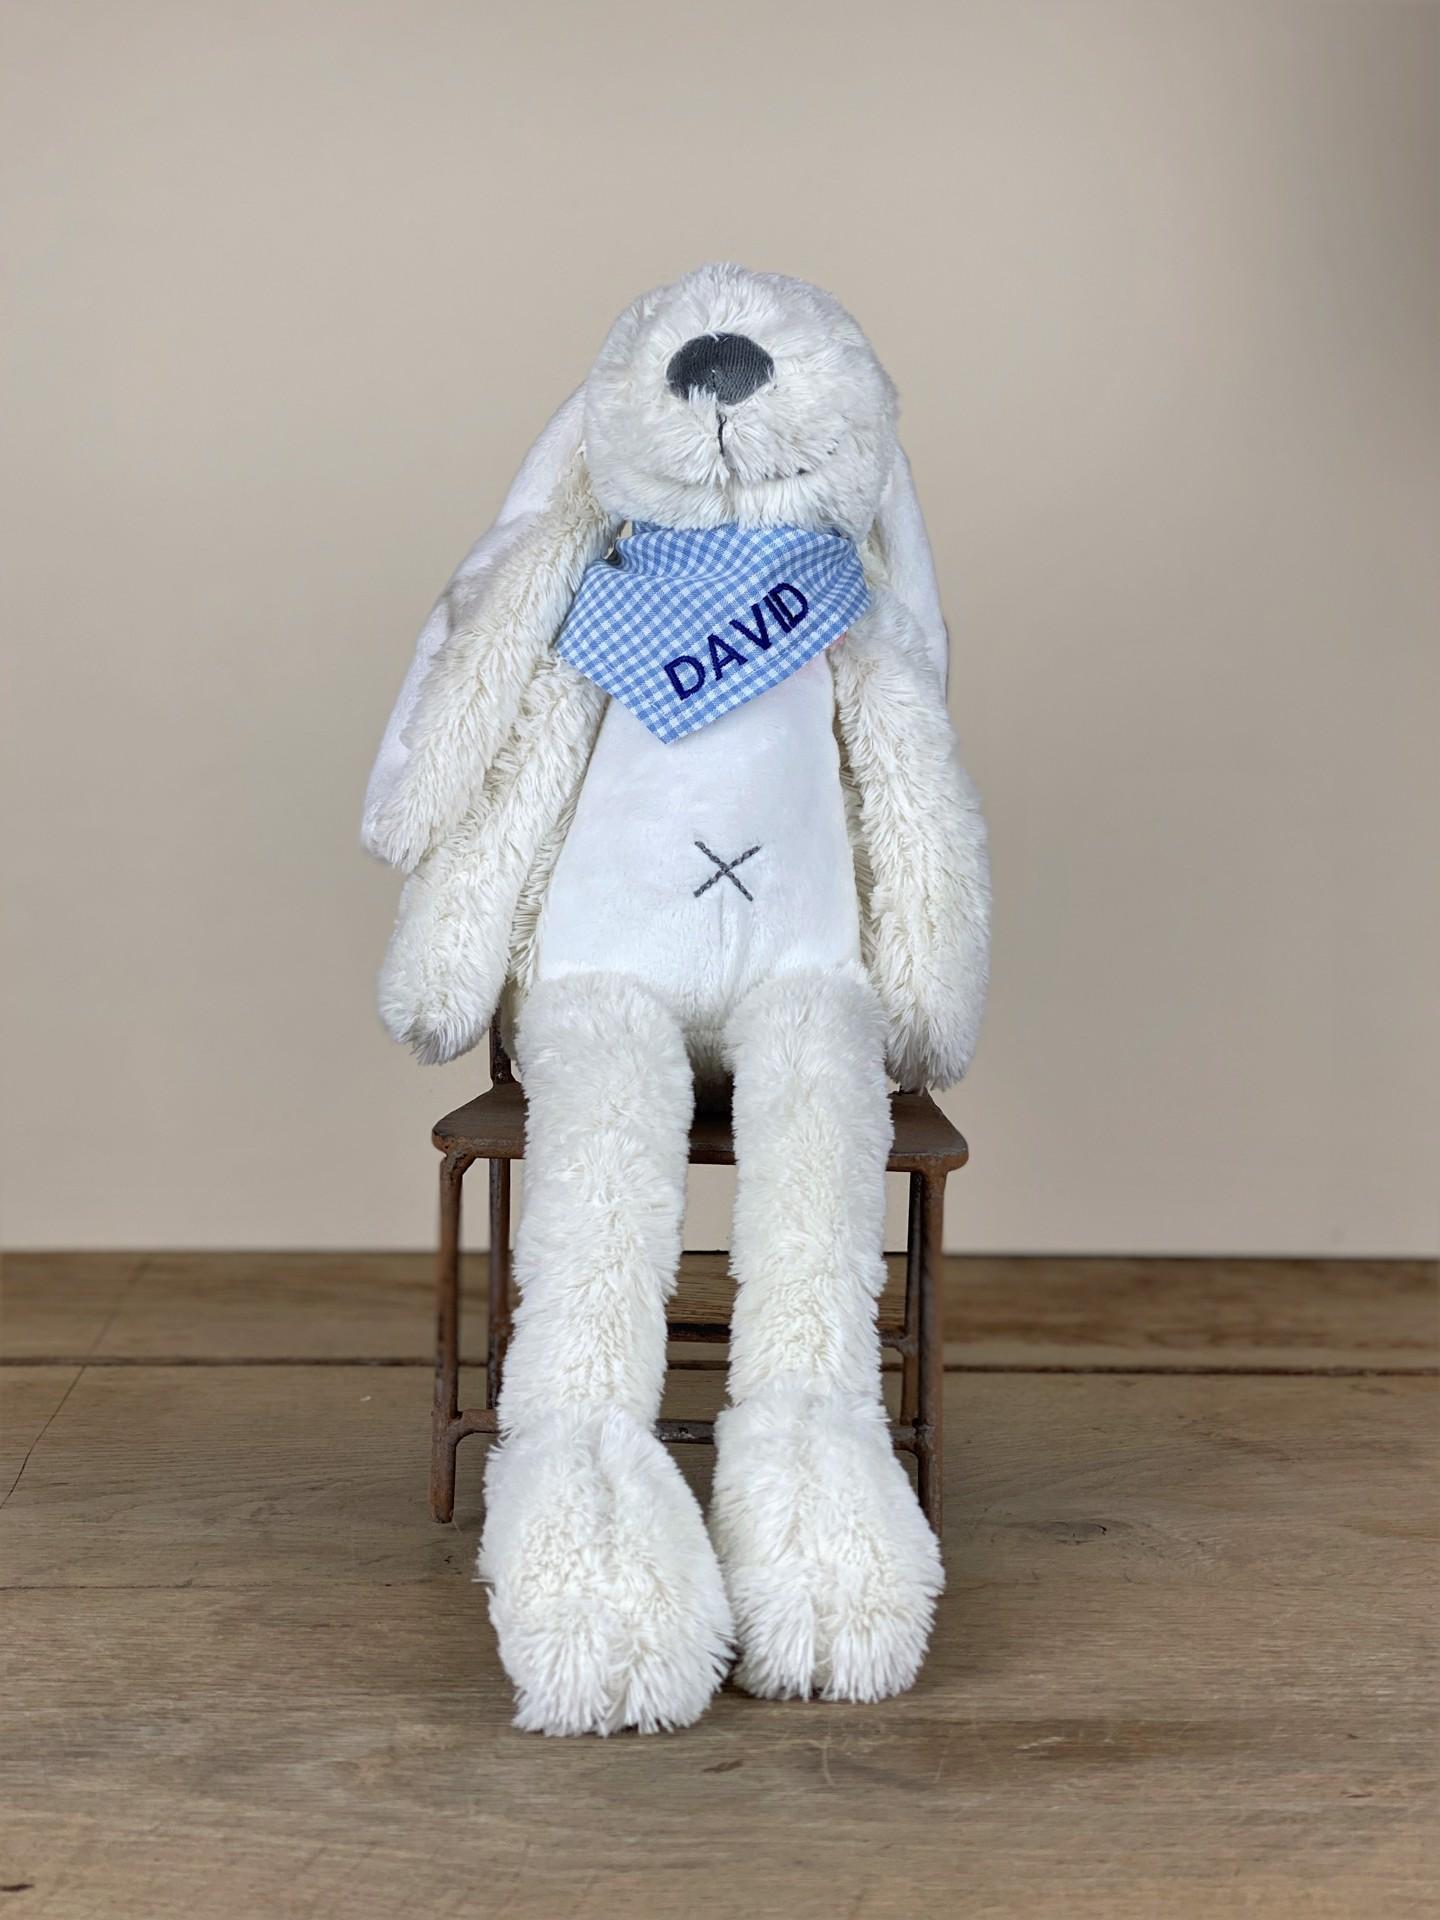 Kuschelhase No. 06 flauschig weiß mit Tuch blau kariert